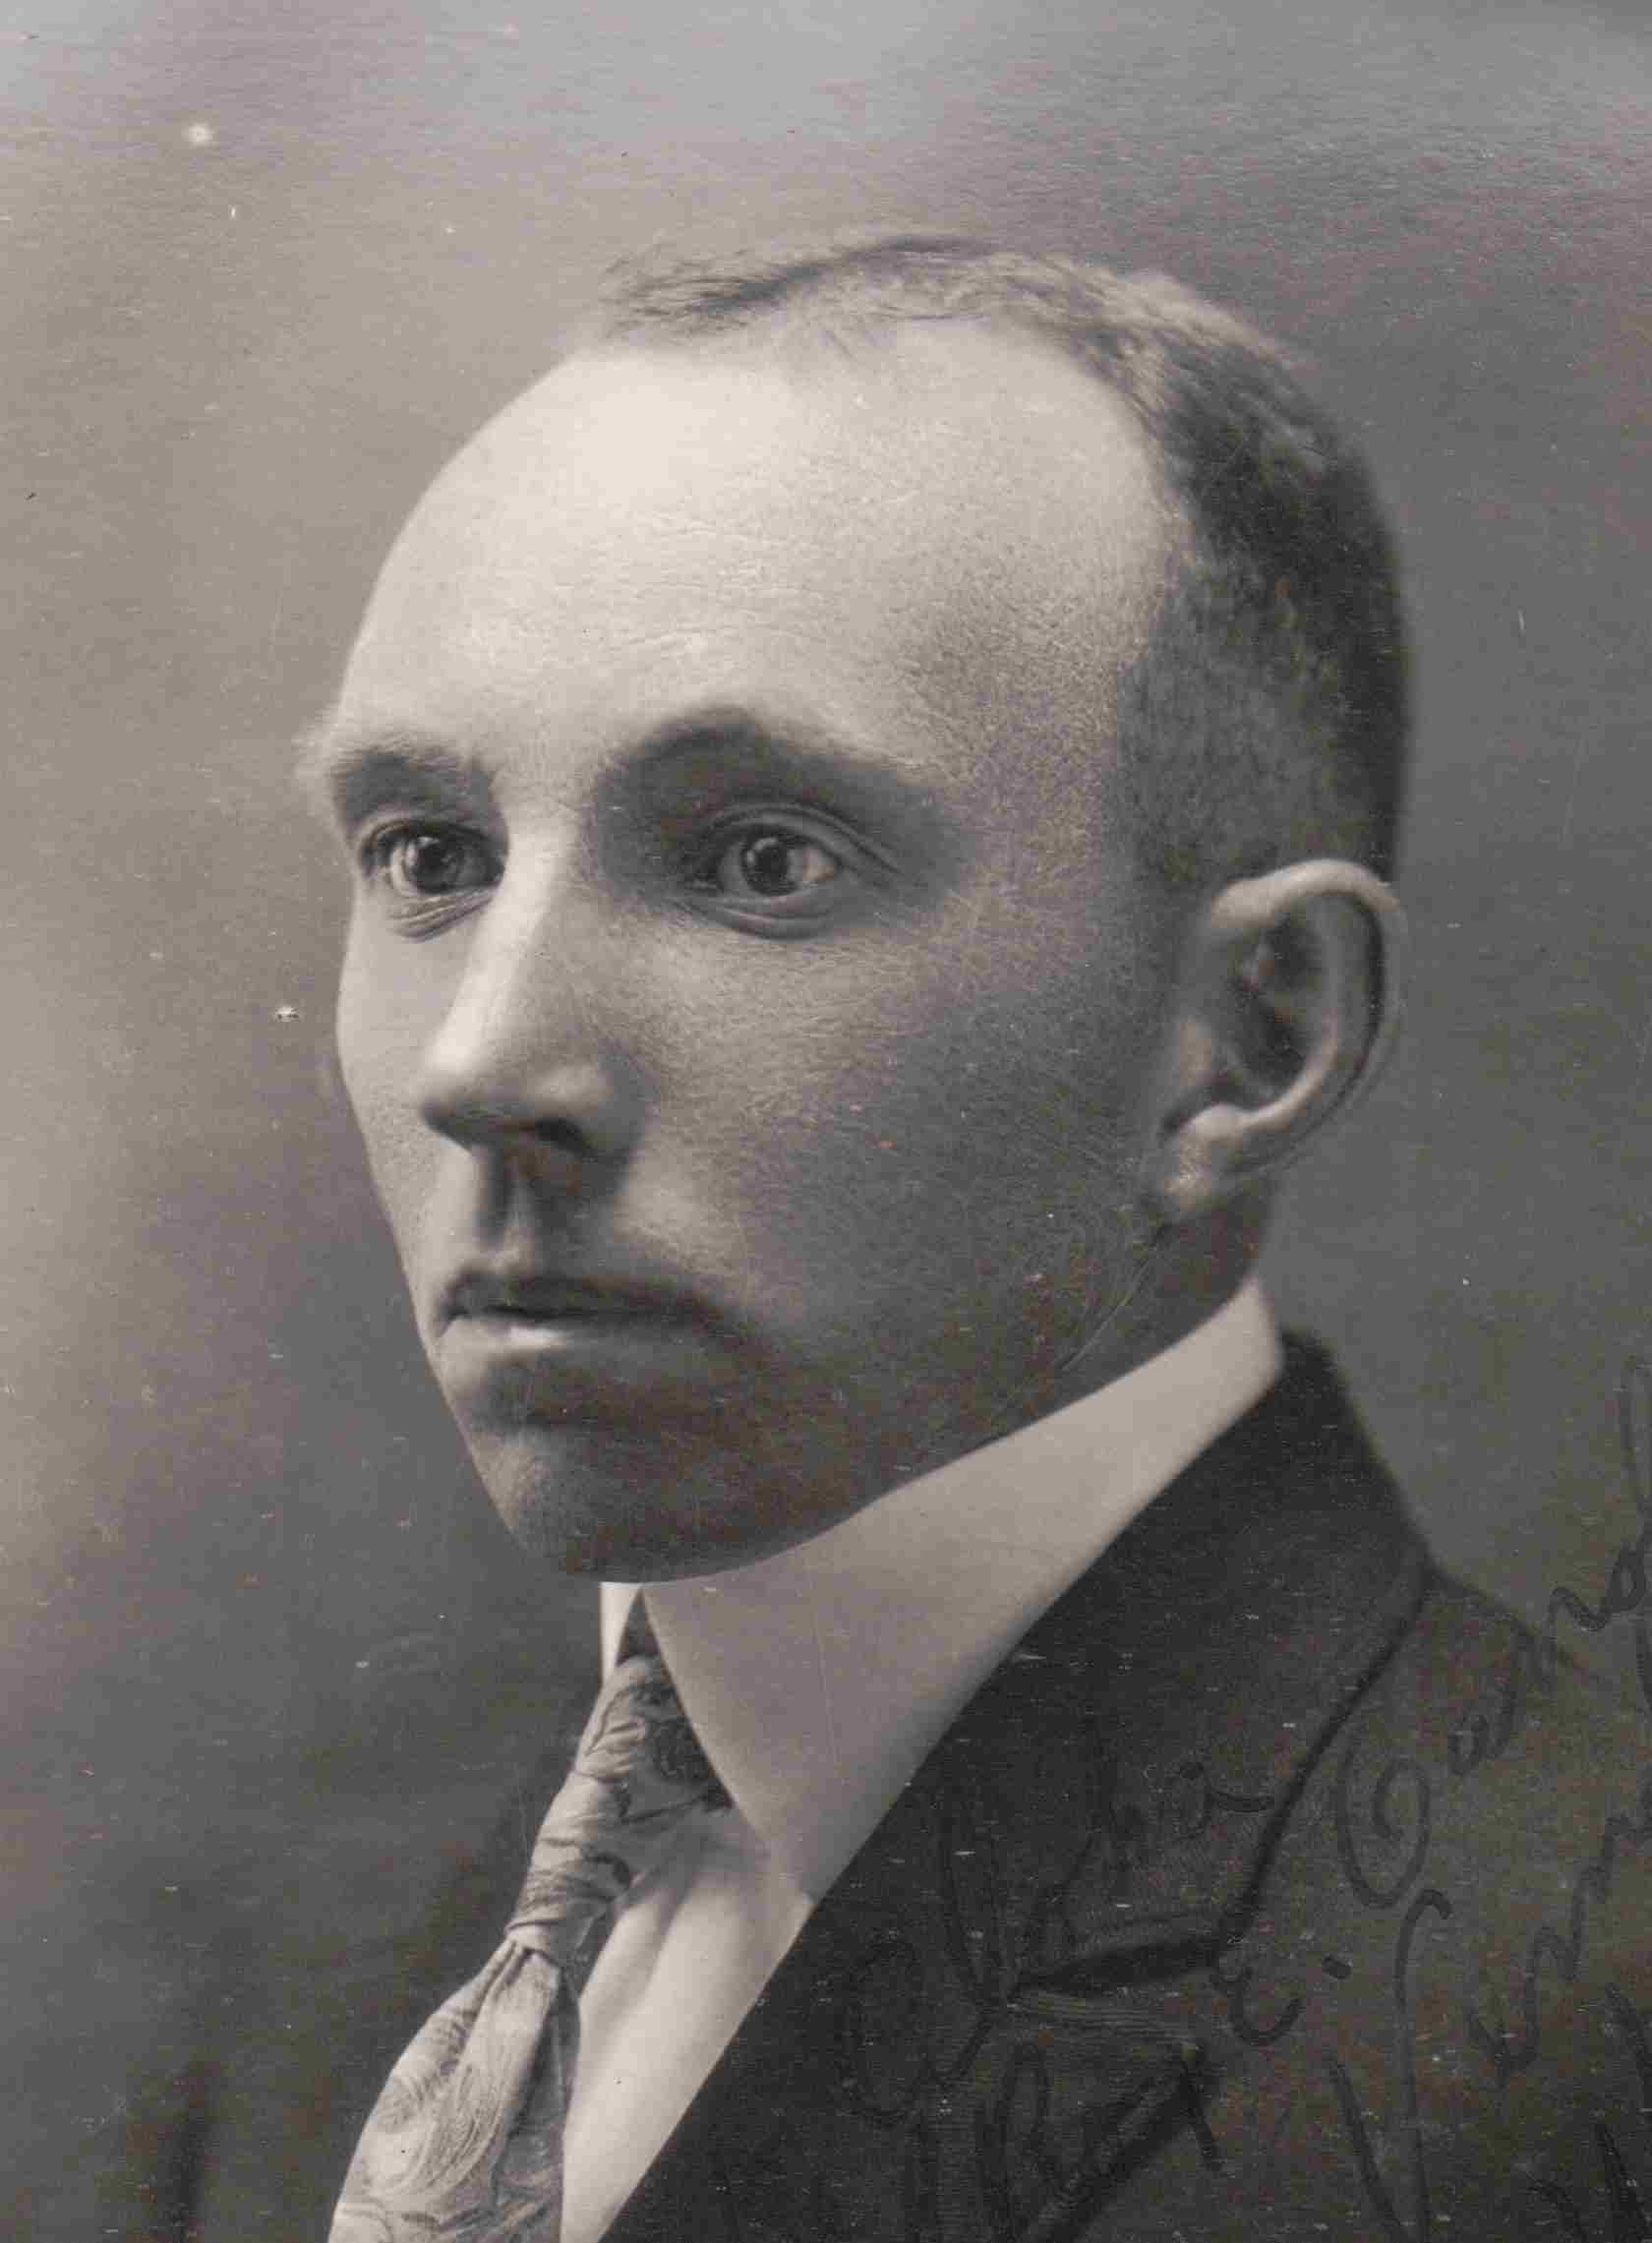 Carroll, Leroy Edmond